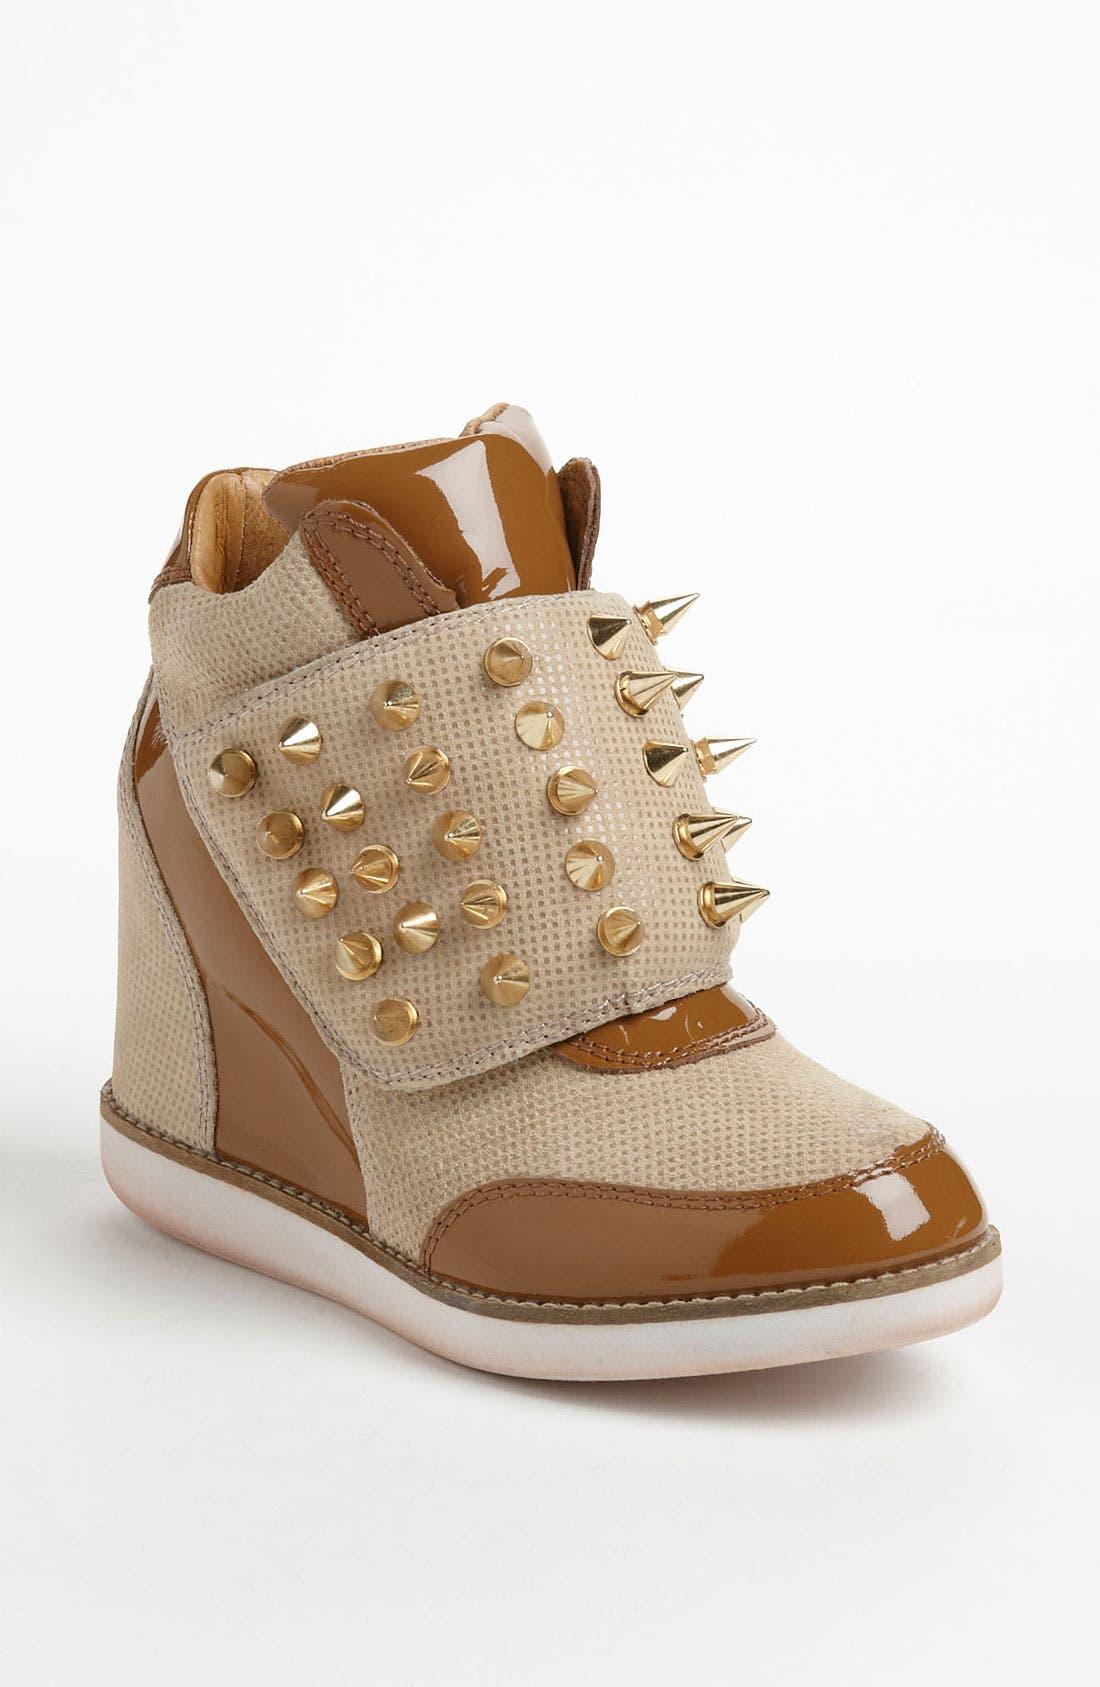 Alternate Image 1 Selected - Jeffrey Campbell 'Teramo' Sneaker